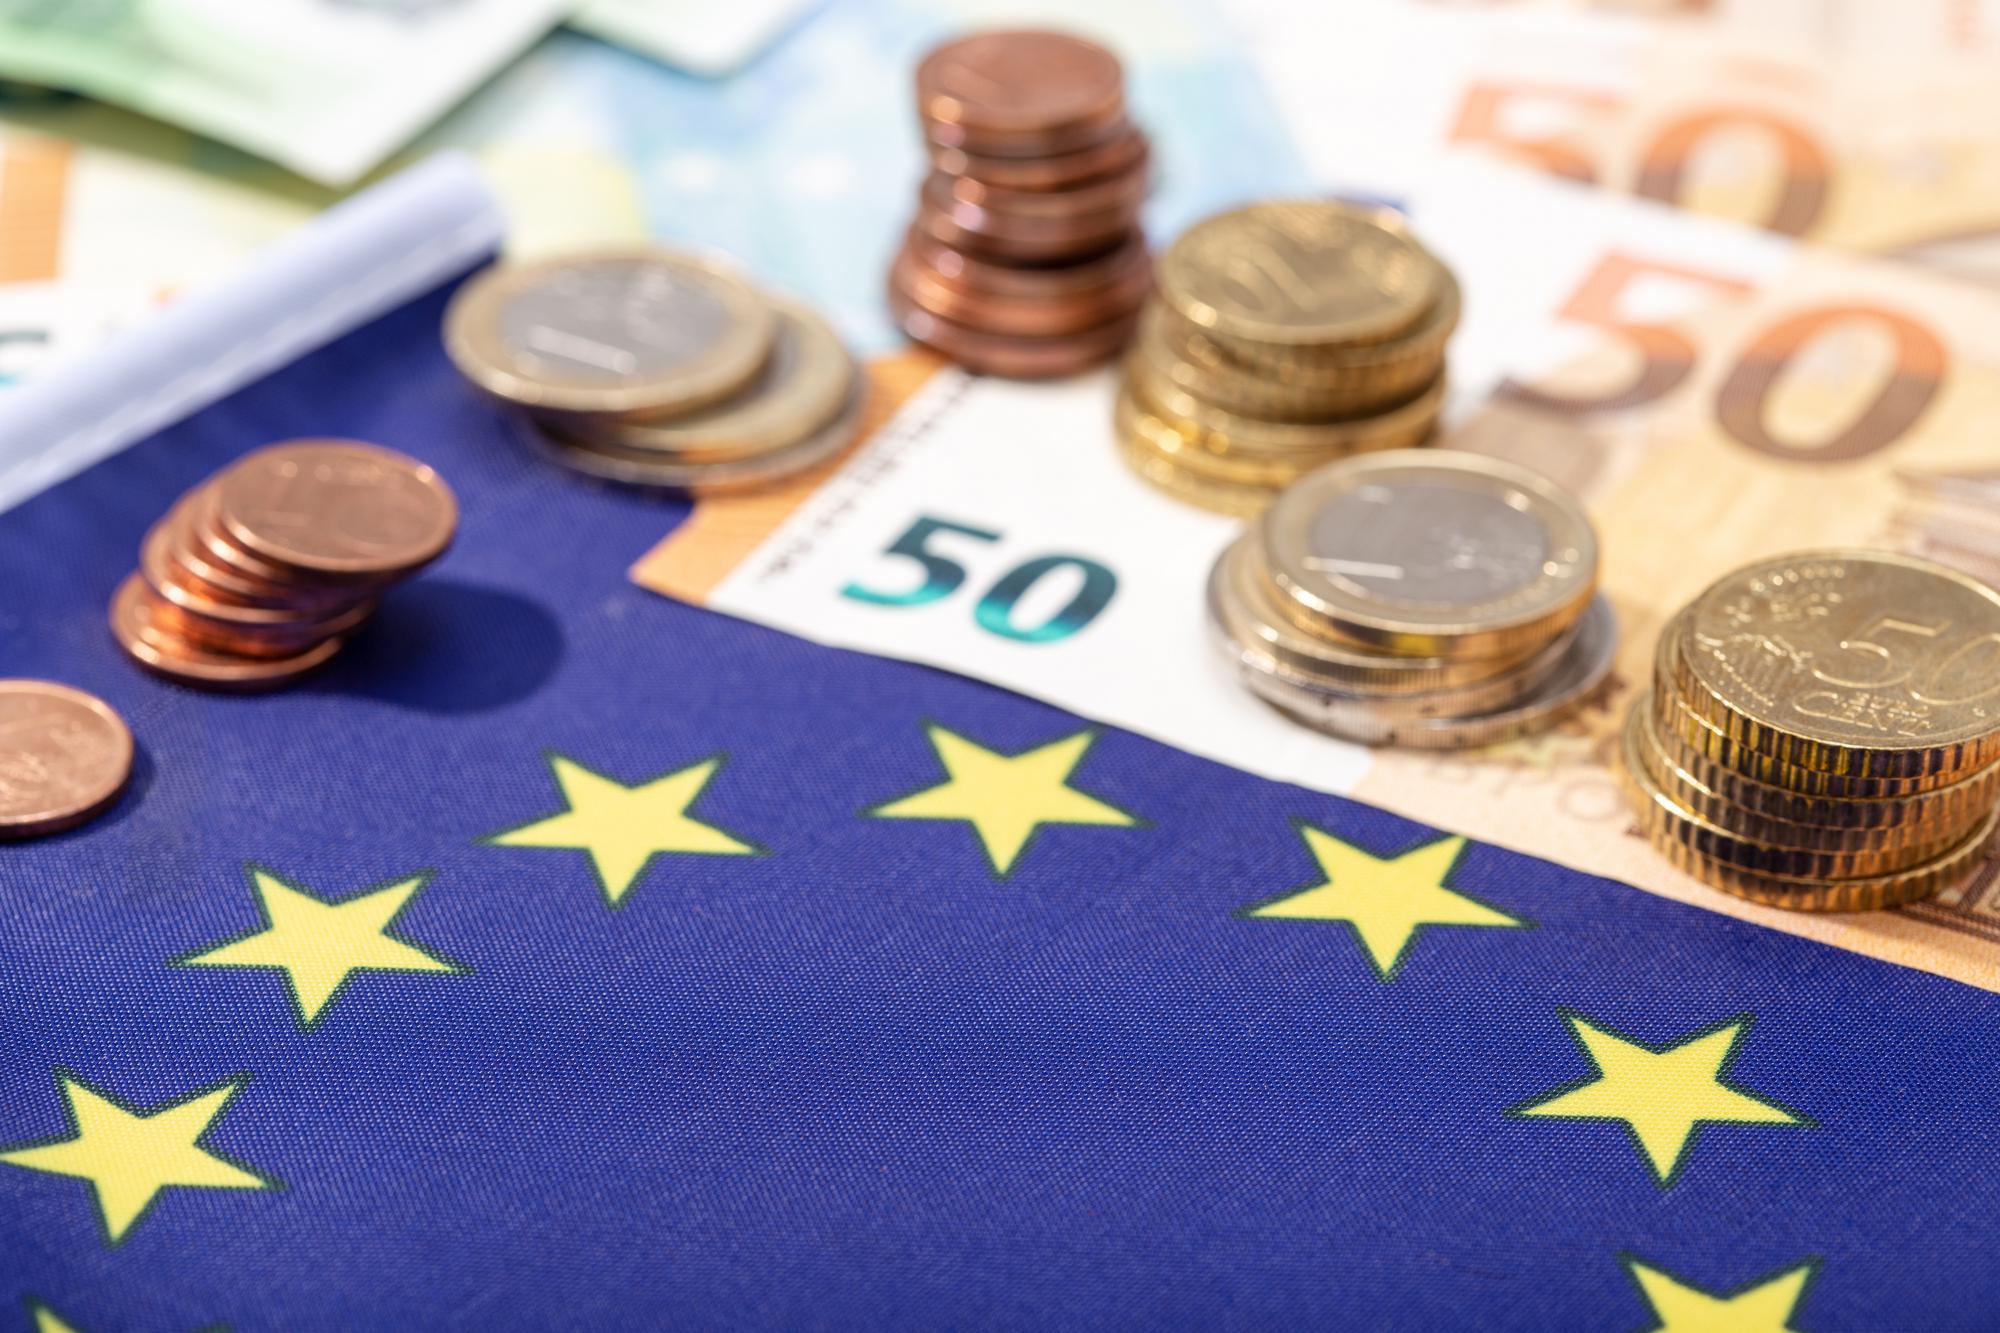 Еврокомиссия продлевает отмену таможенных пошлин и НДС